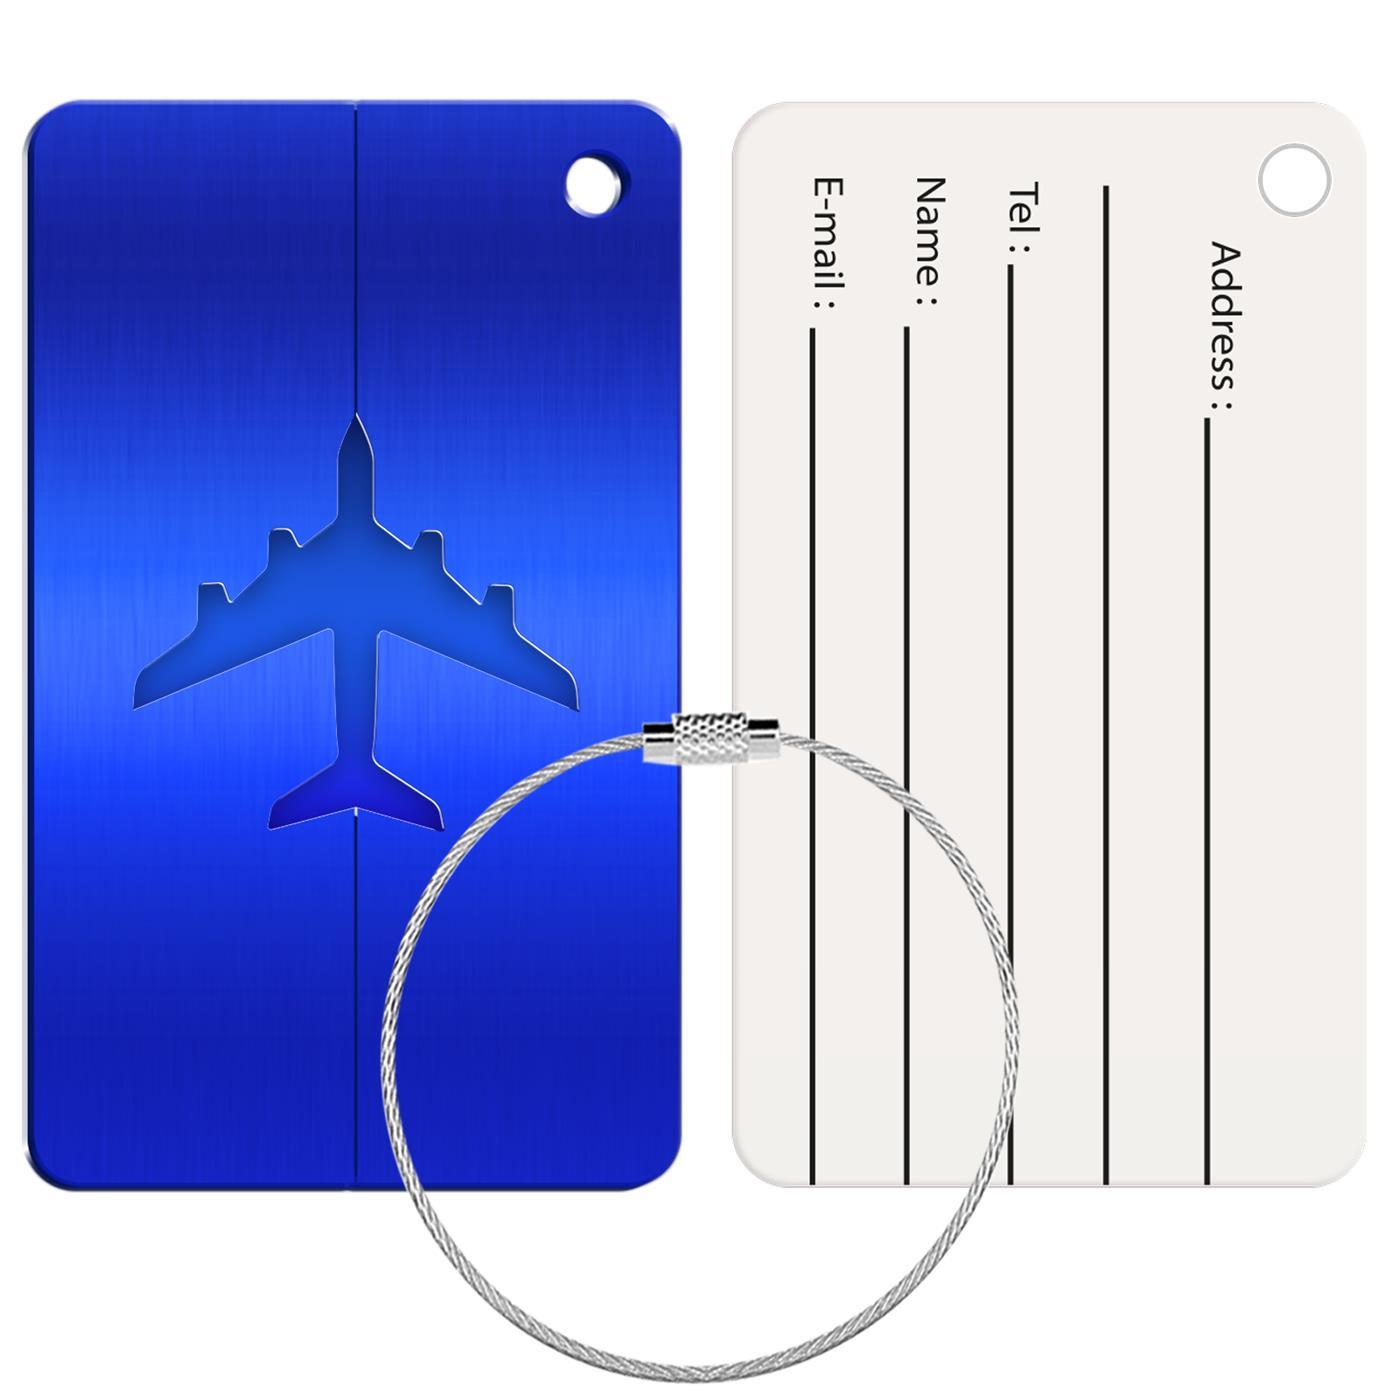 Reise Kofferanhänger Namensschild Gepäck Anhänger Schild Urlaub Flugzeug Trolley Blau